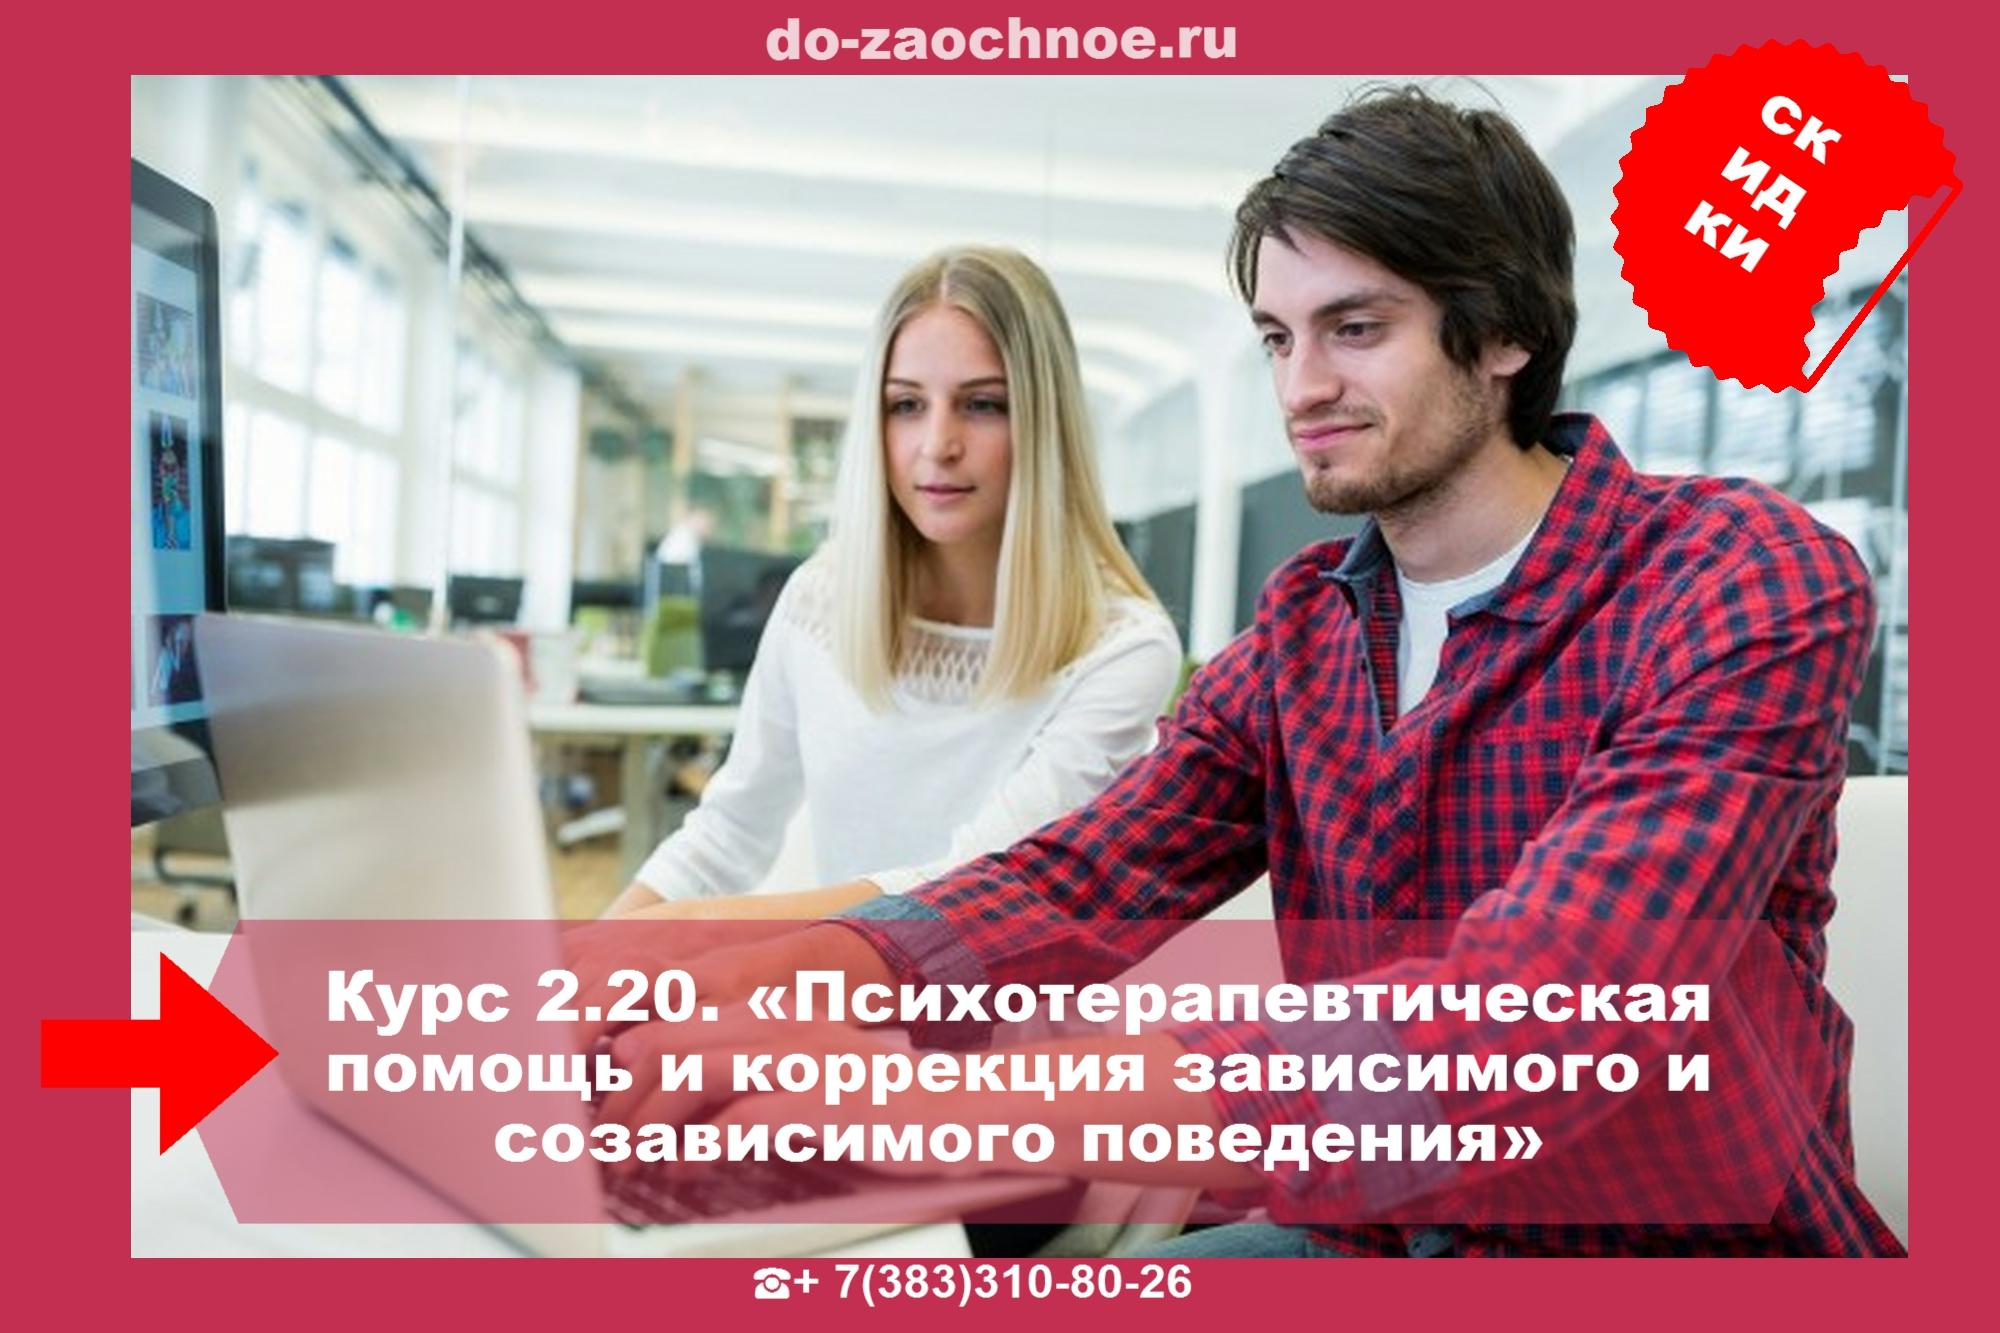 ИДПК дистанционные курсы коррекция зависимого и созависимого поведения на do-zaochnoe.ru ТУТ!